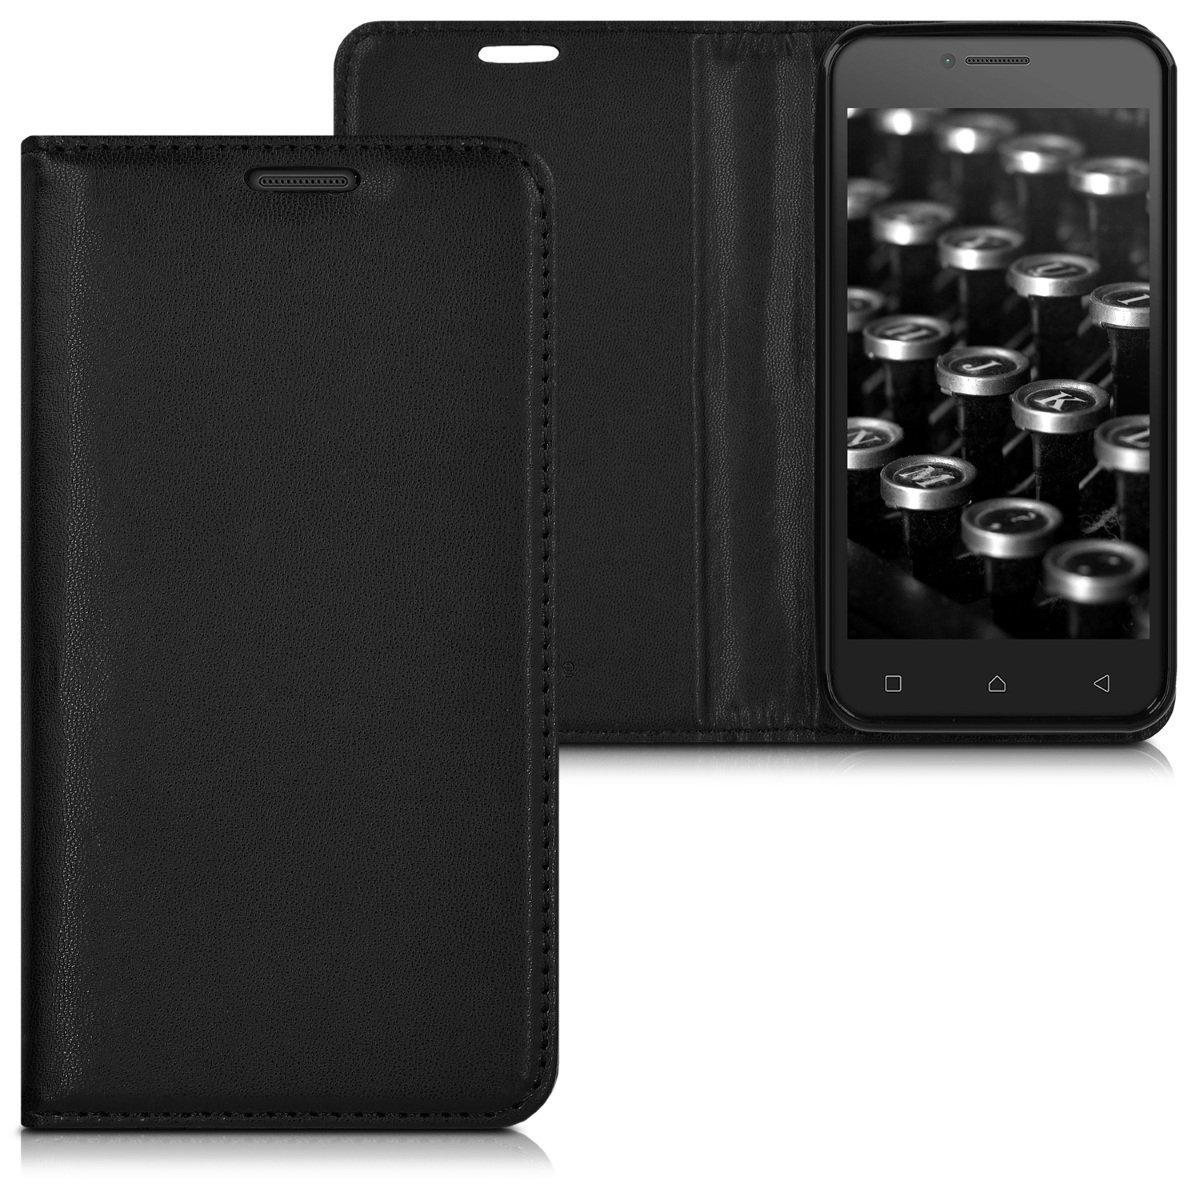 KW Flip Θήκη Lenovo B - Black (40507.01)